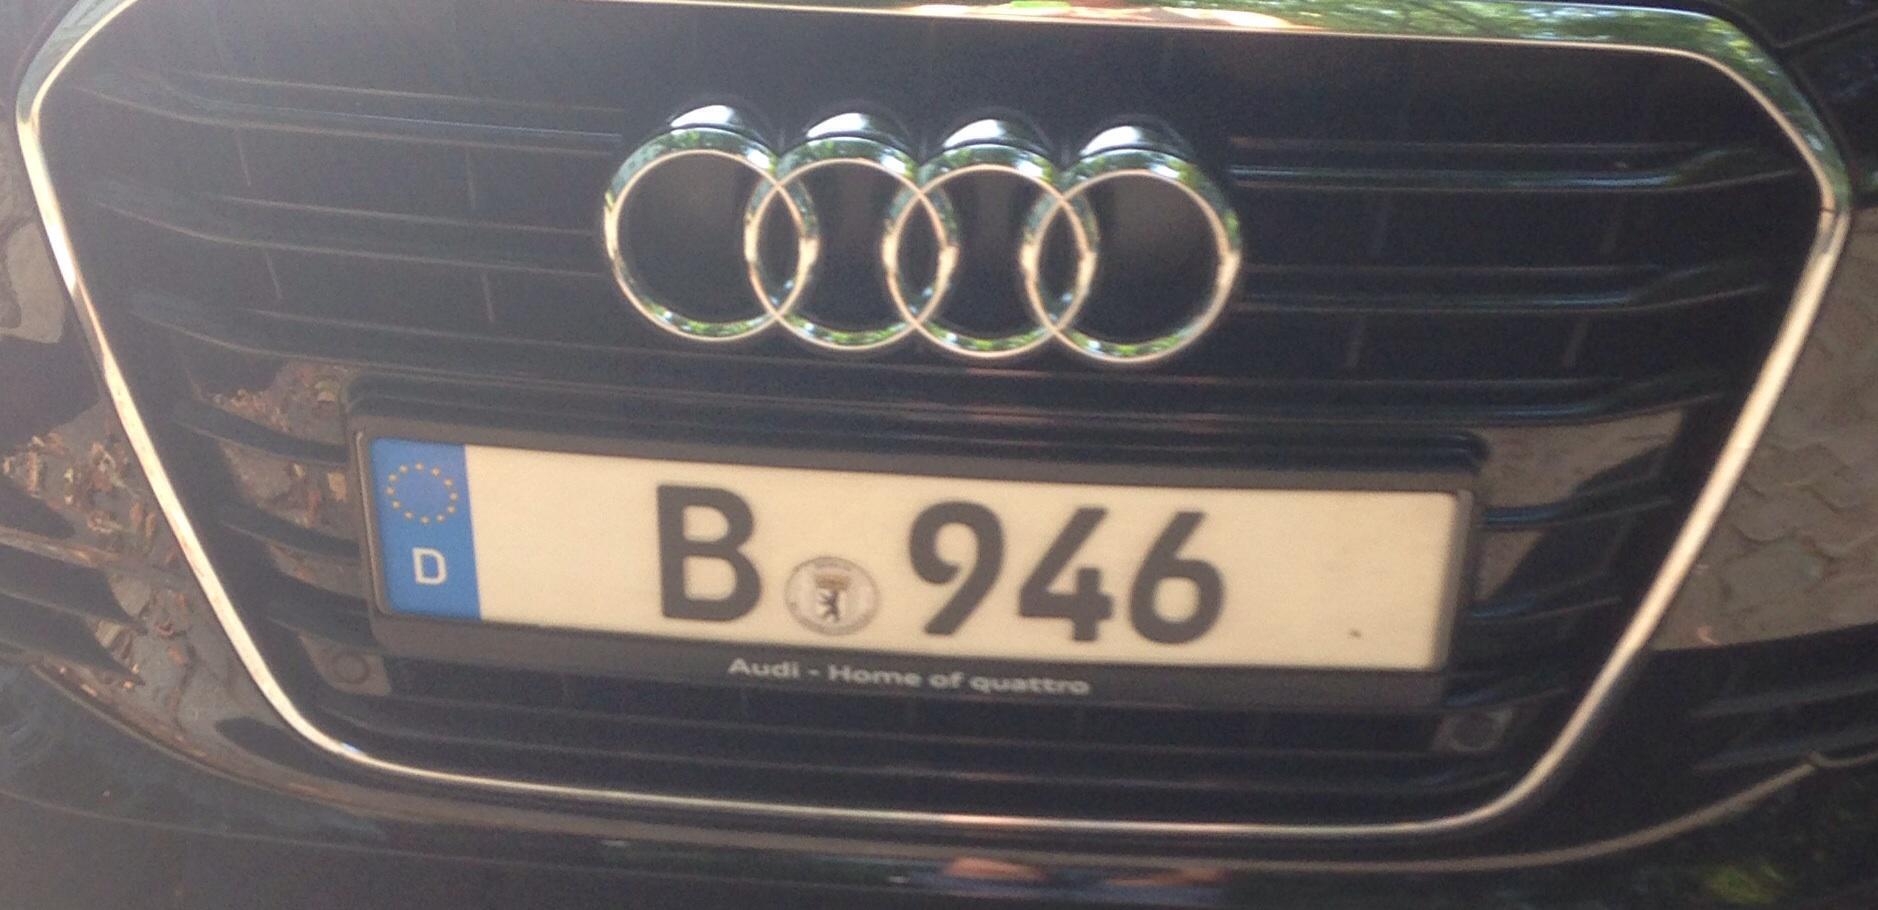 Berliner Kennzeichen mit nur 3 Ziffern nach dem Ortskennzeichen ...